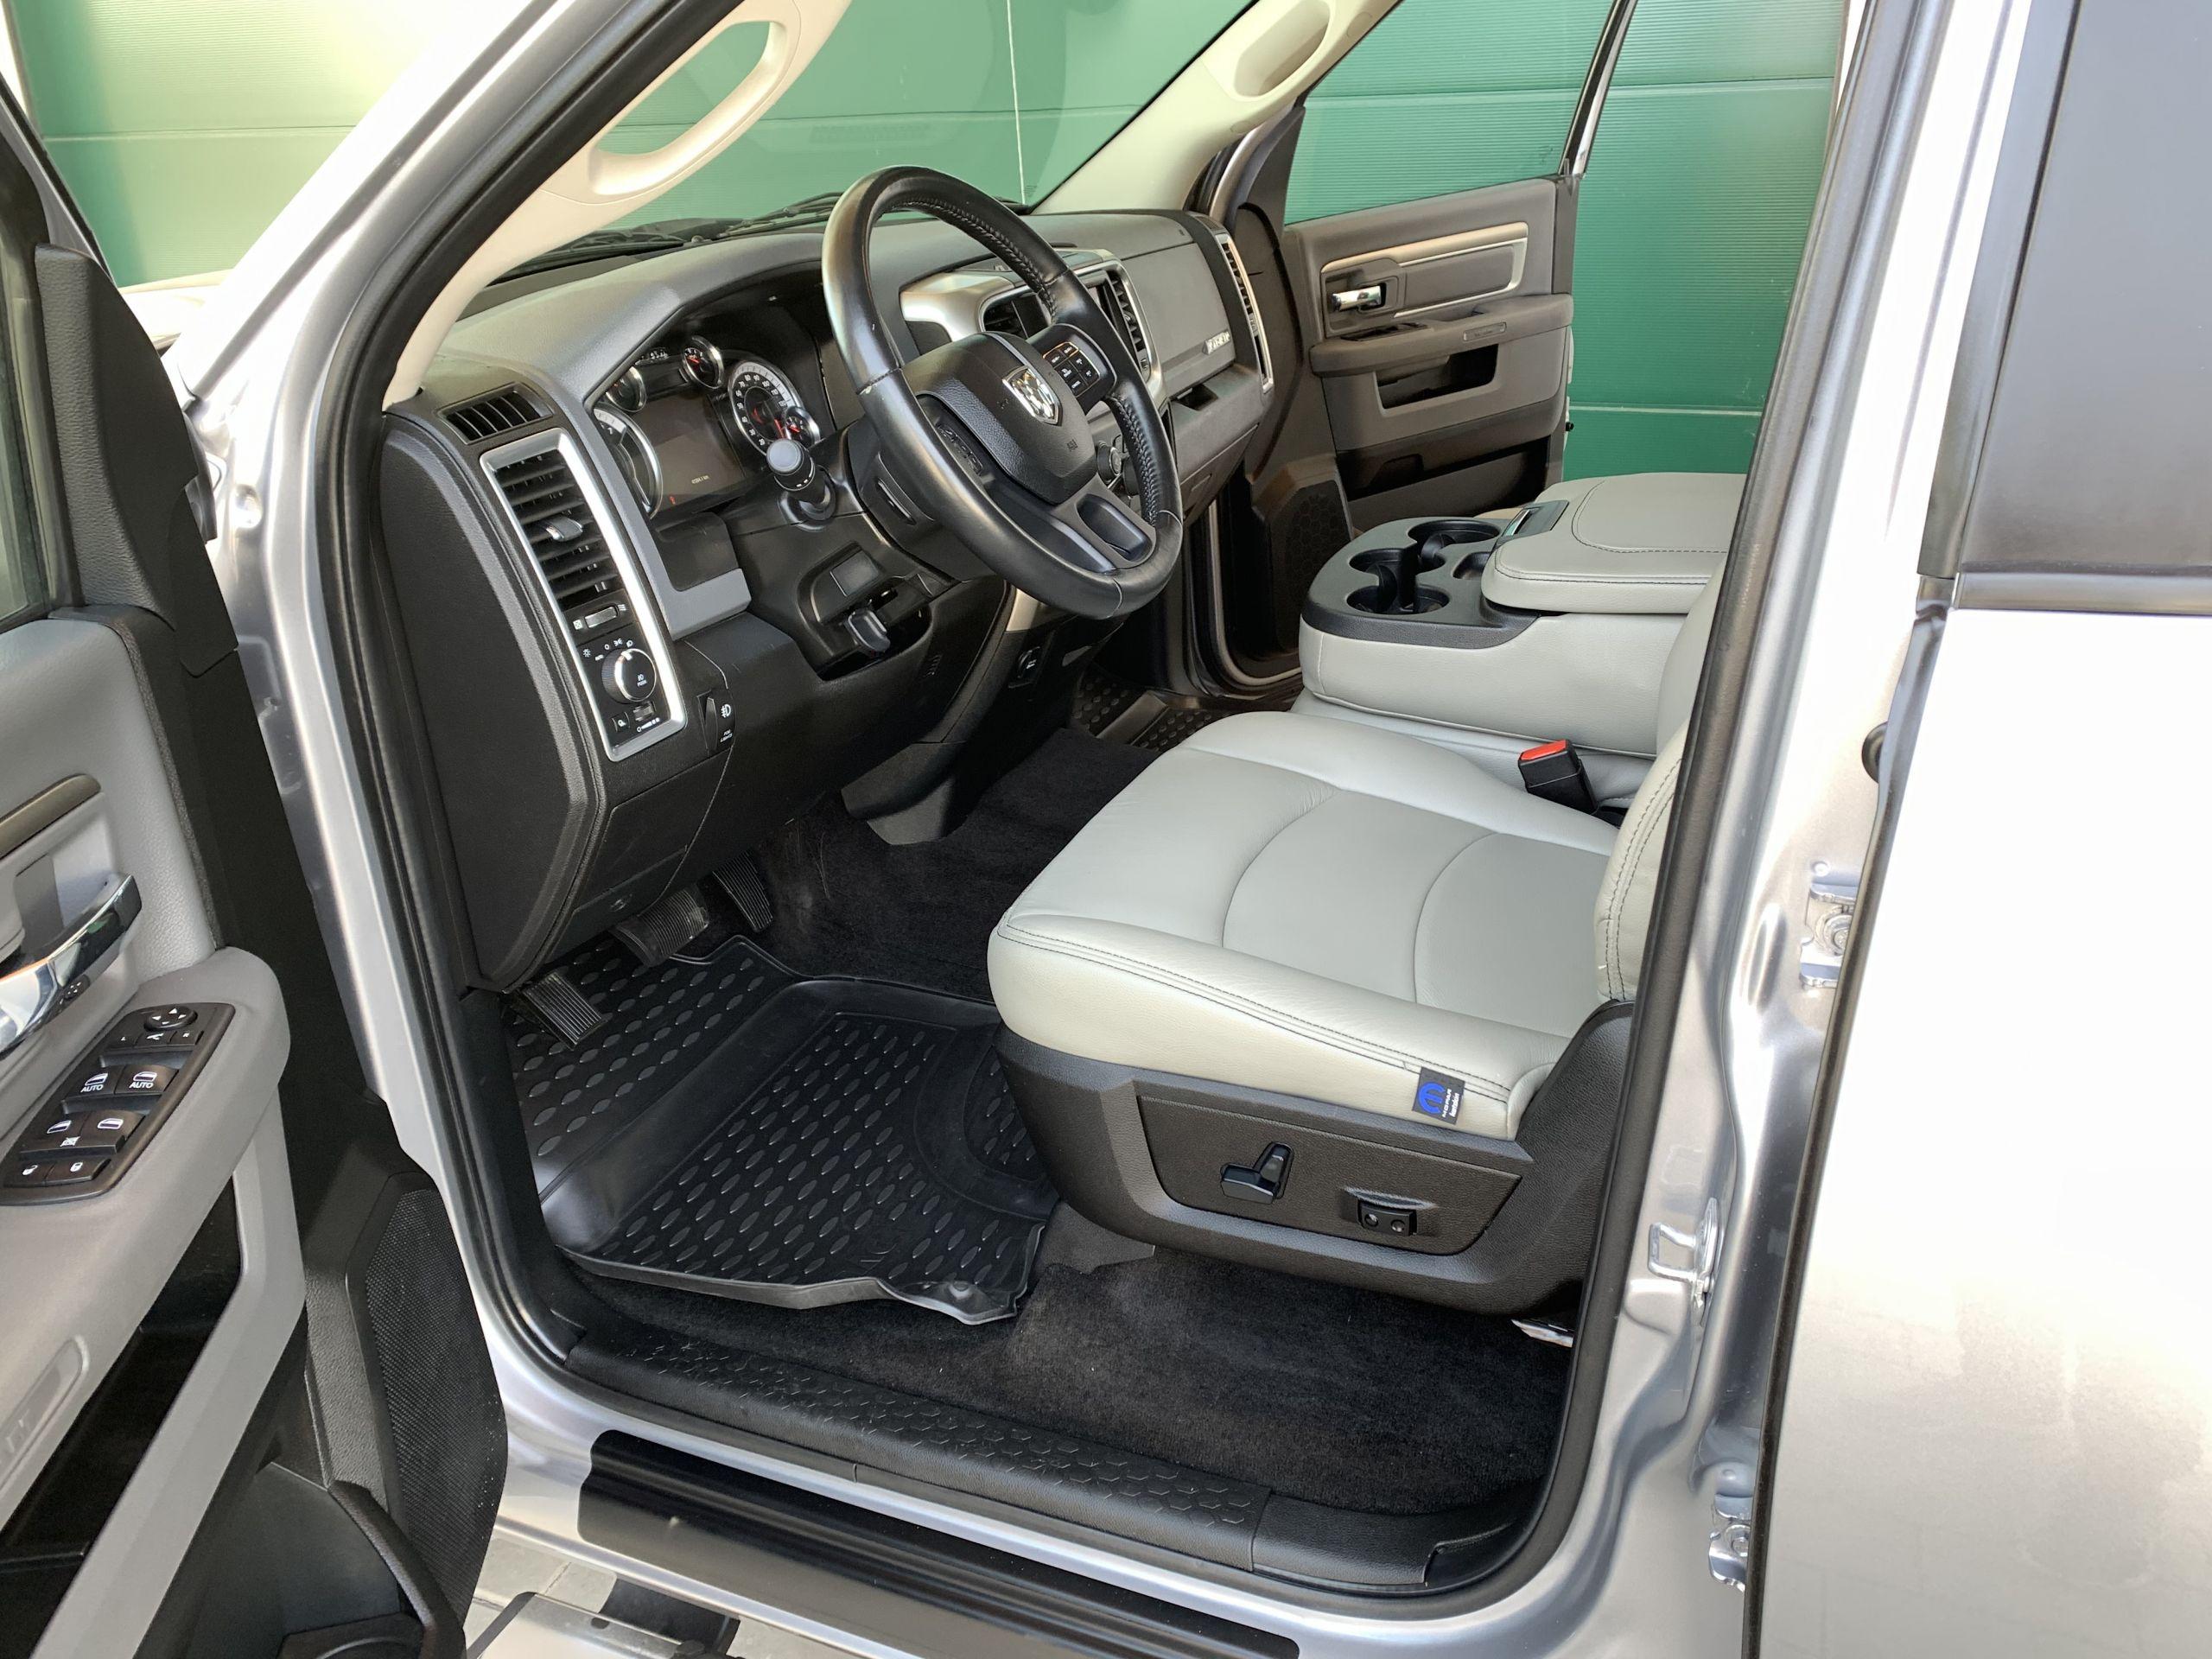 Gebraucht 2019 Silber Dodge Ram SLT 1500 zu Verkaufen